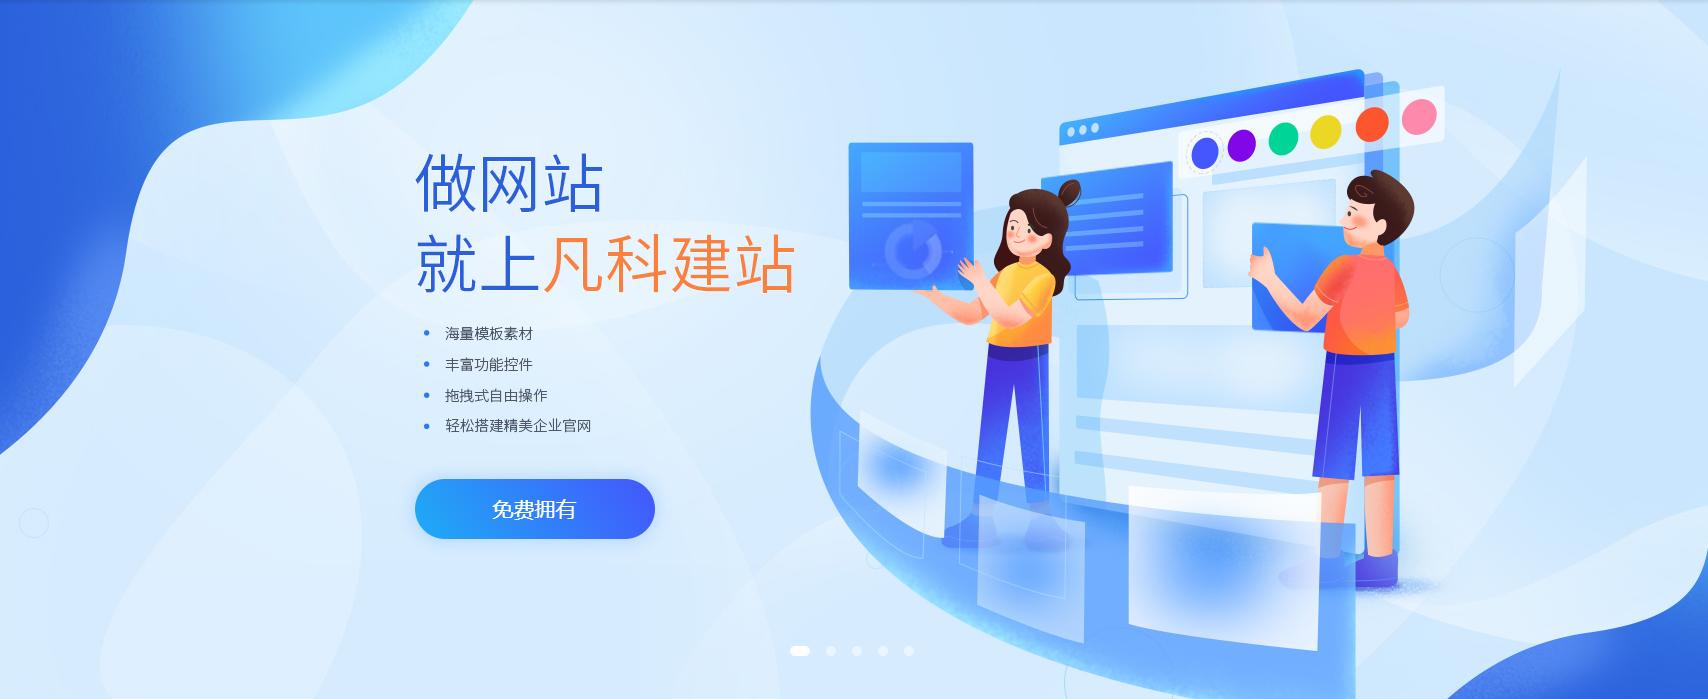 网站模板布局设计